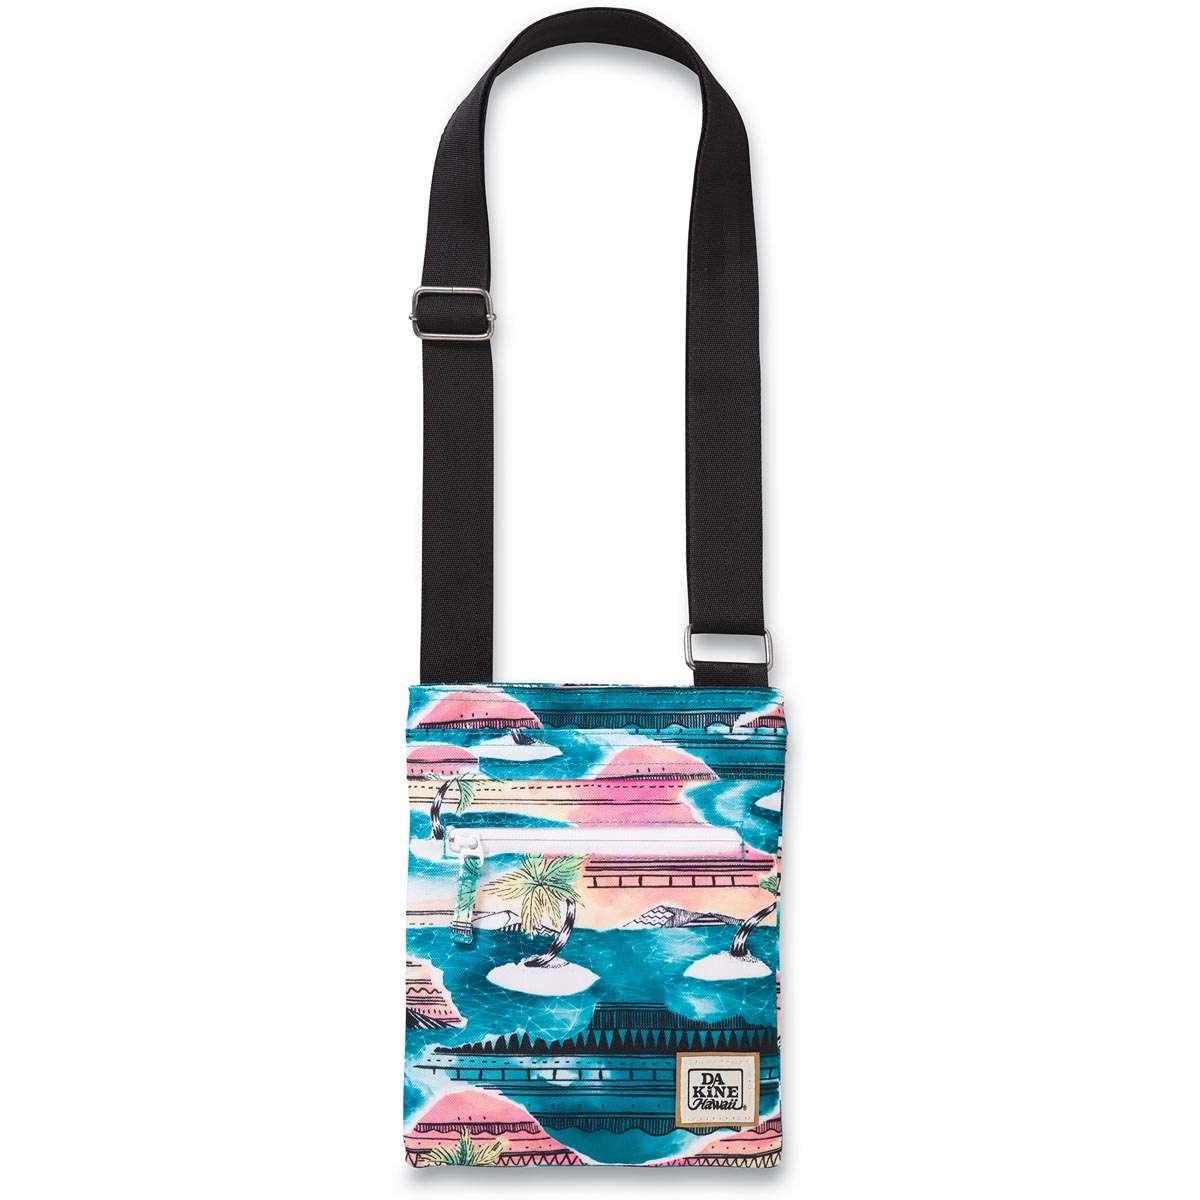 ae625eb8994d7 Dakine Jive kleine Handtasche Palmbay